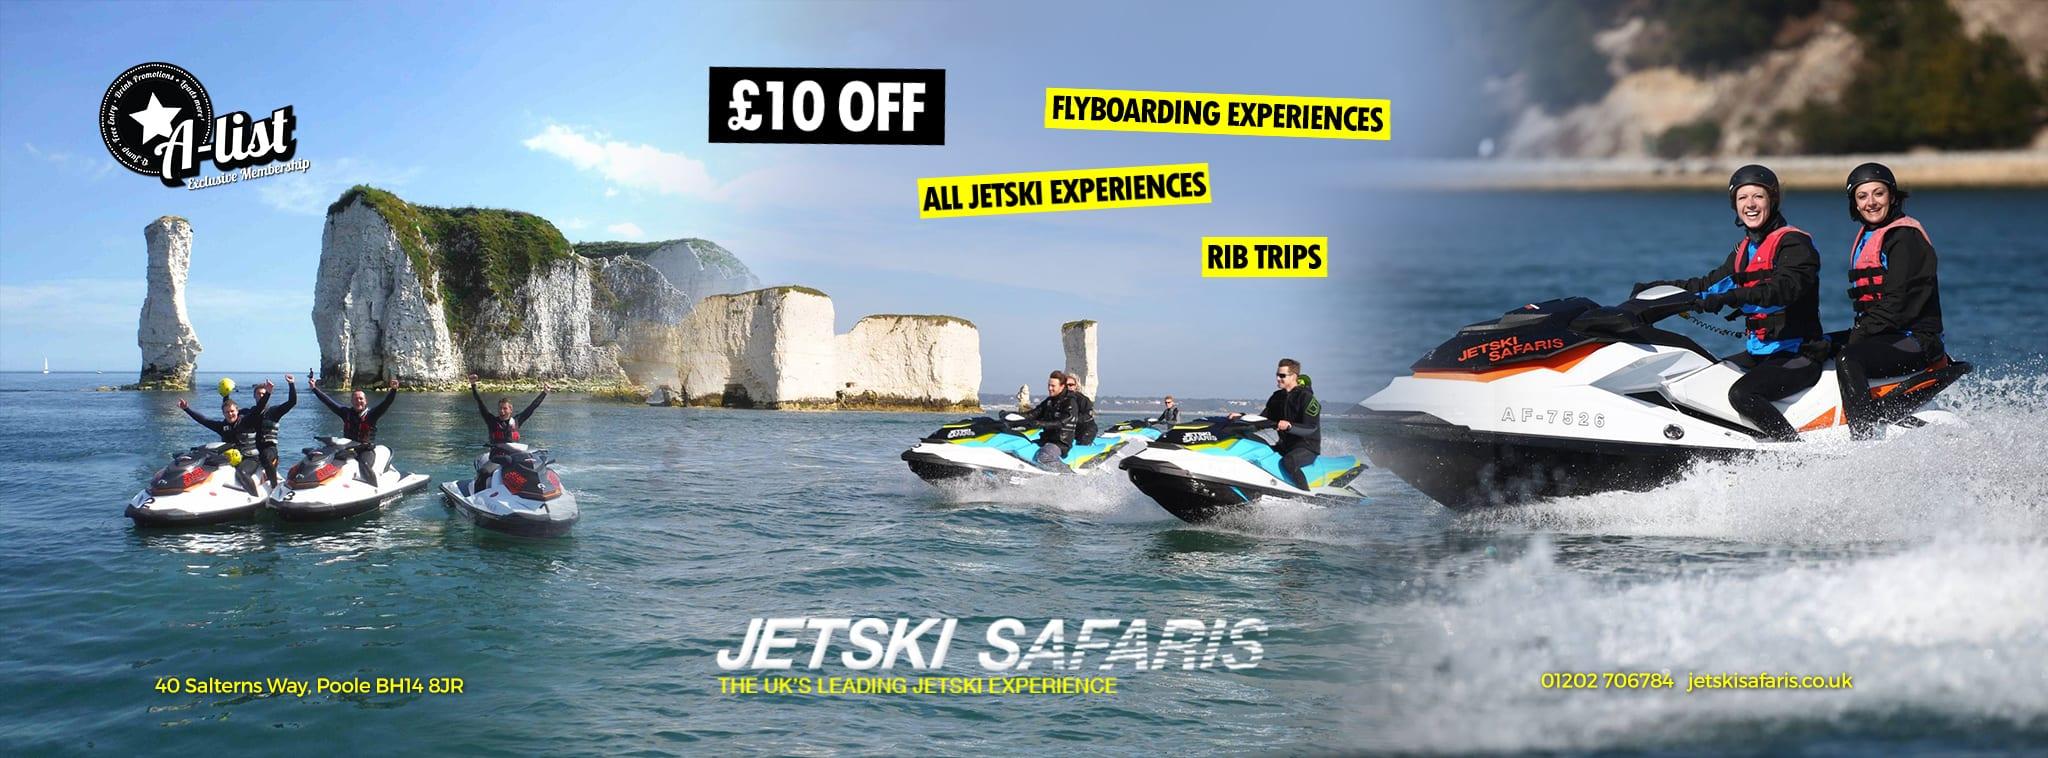 Jetski Safaris